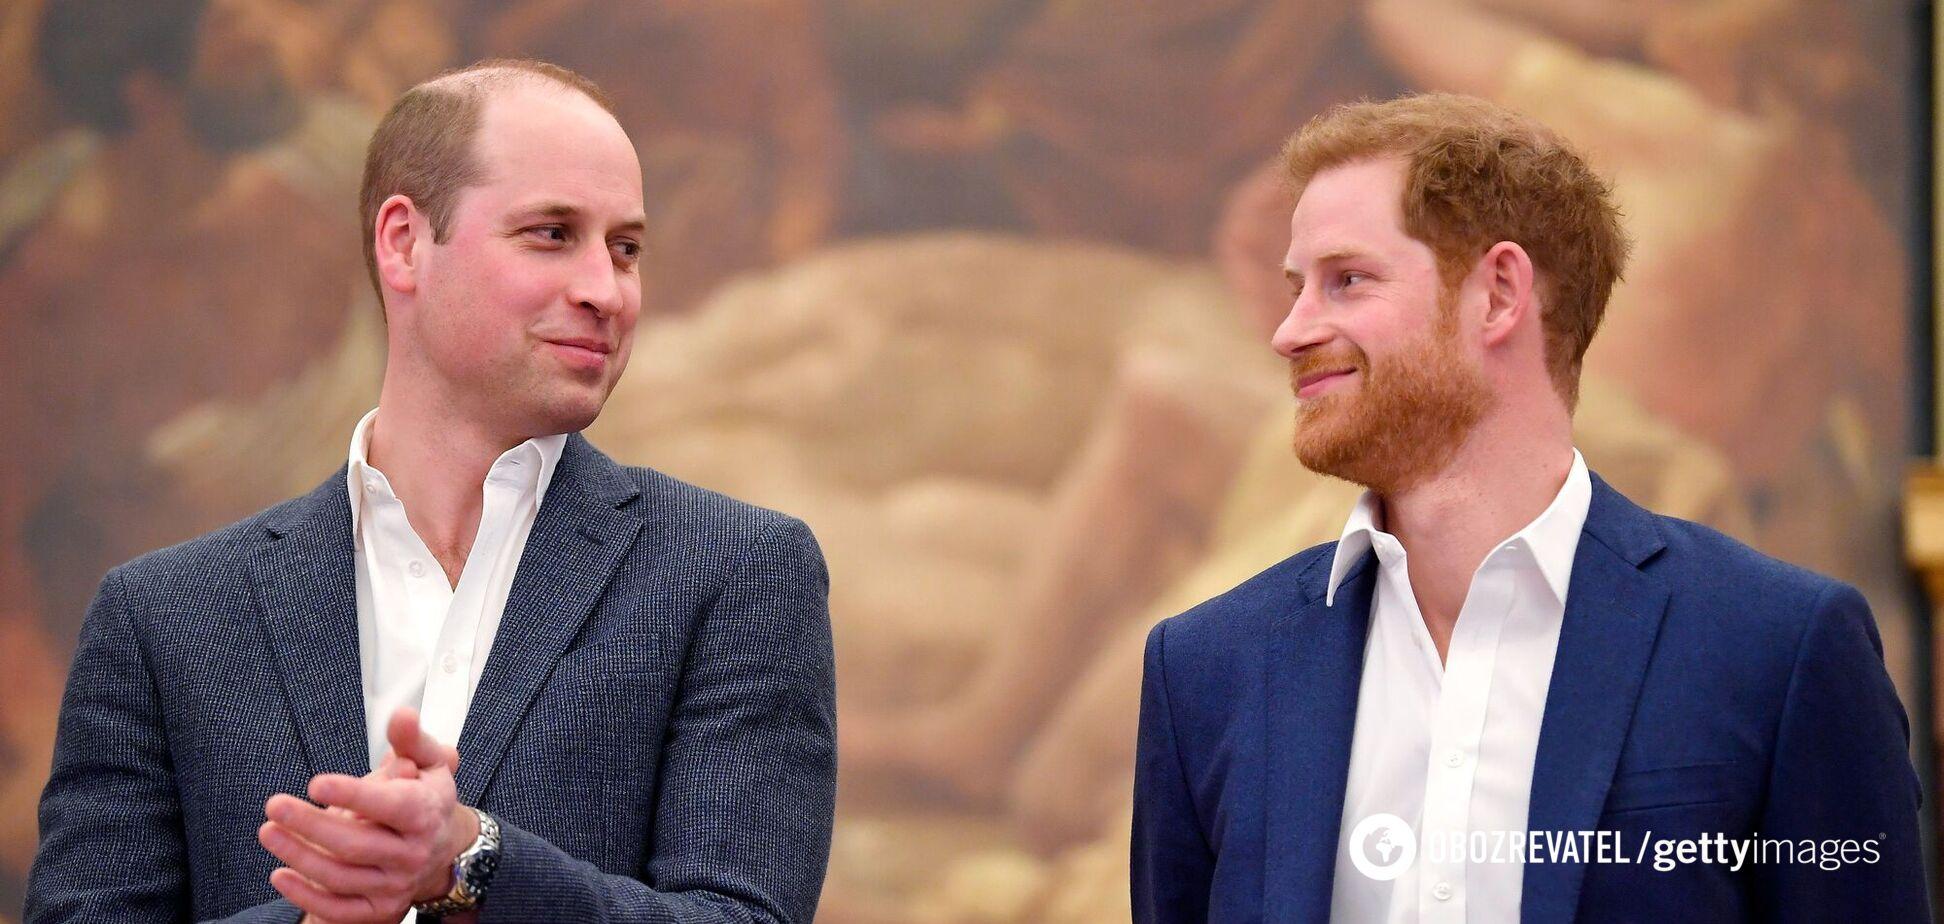 Принци Гаррі та Вільям оголосили перемир'я